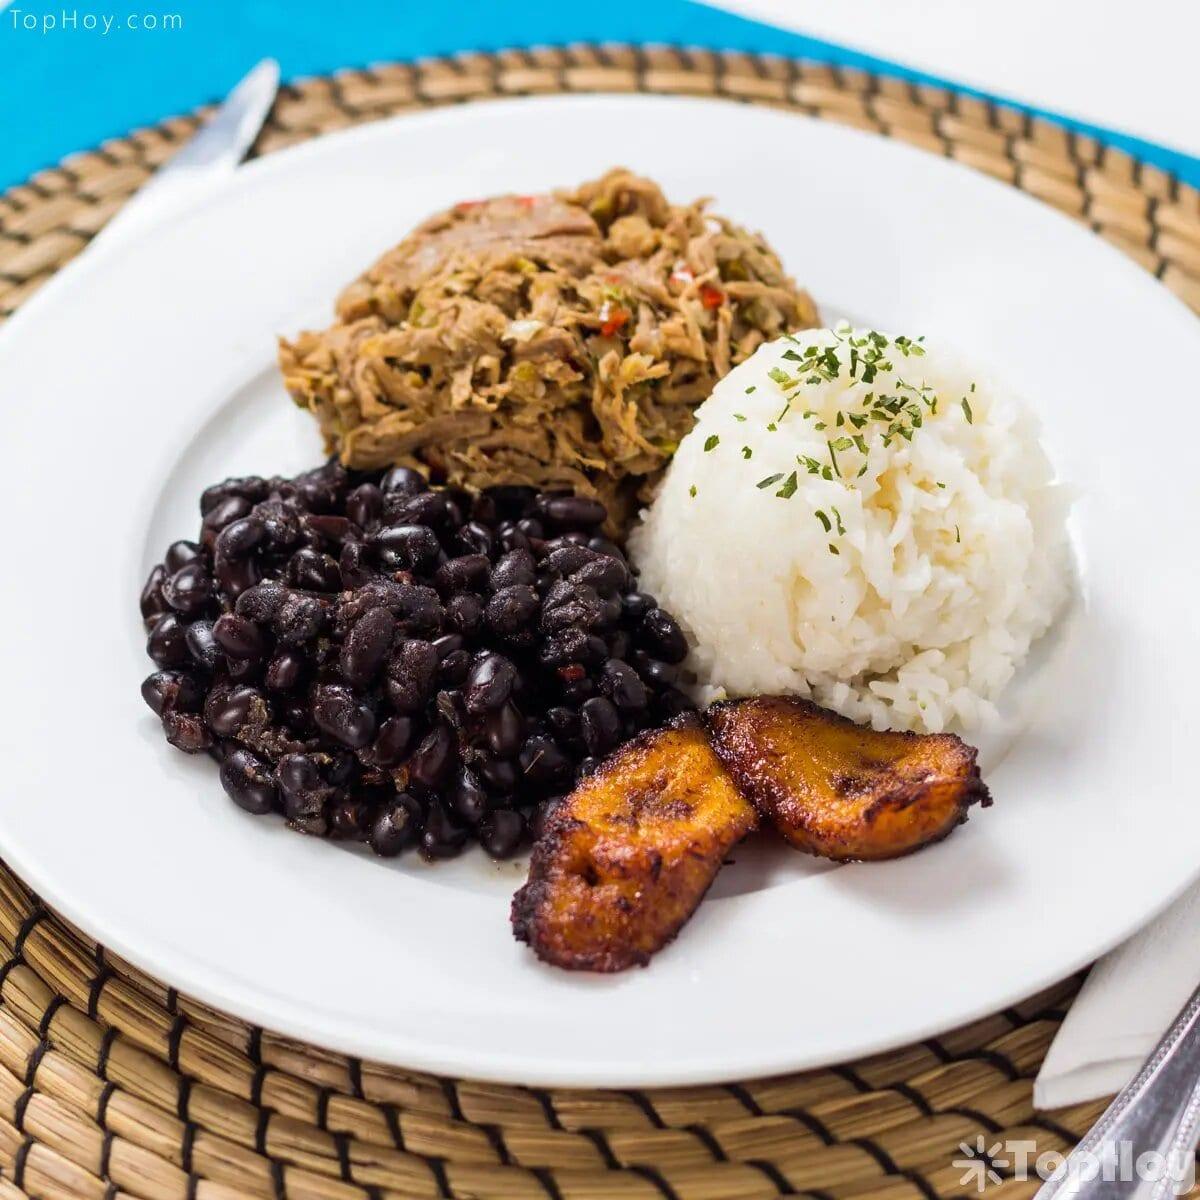 Entre los platos tradicionales resalta el pabellón criollo, la arepa, el café como bebida básica a cualquier hora, el pan de jamón y la hallaca (comida navideña), entre muchos otros.